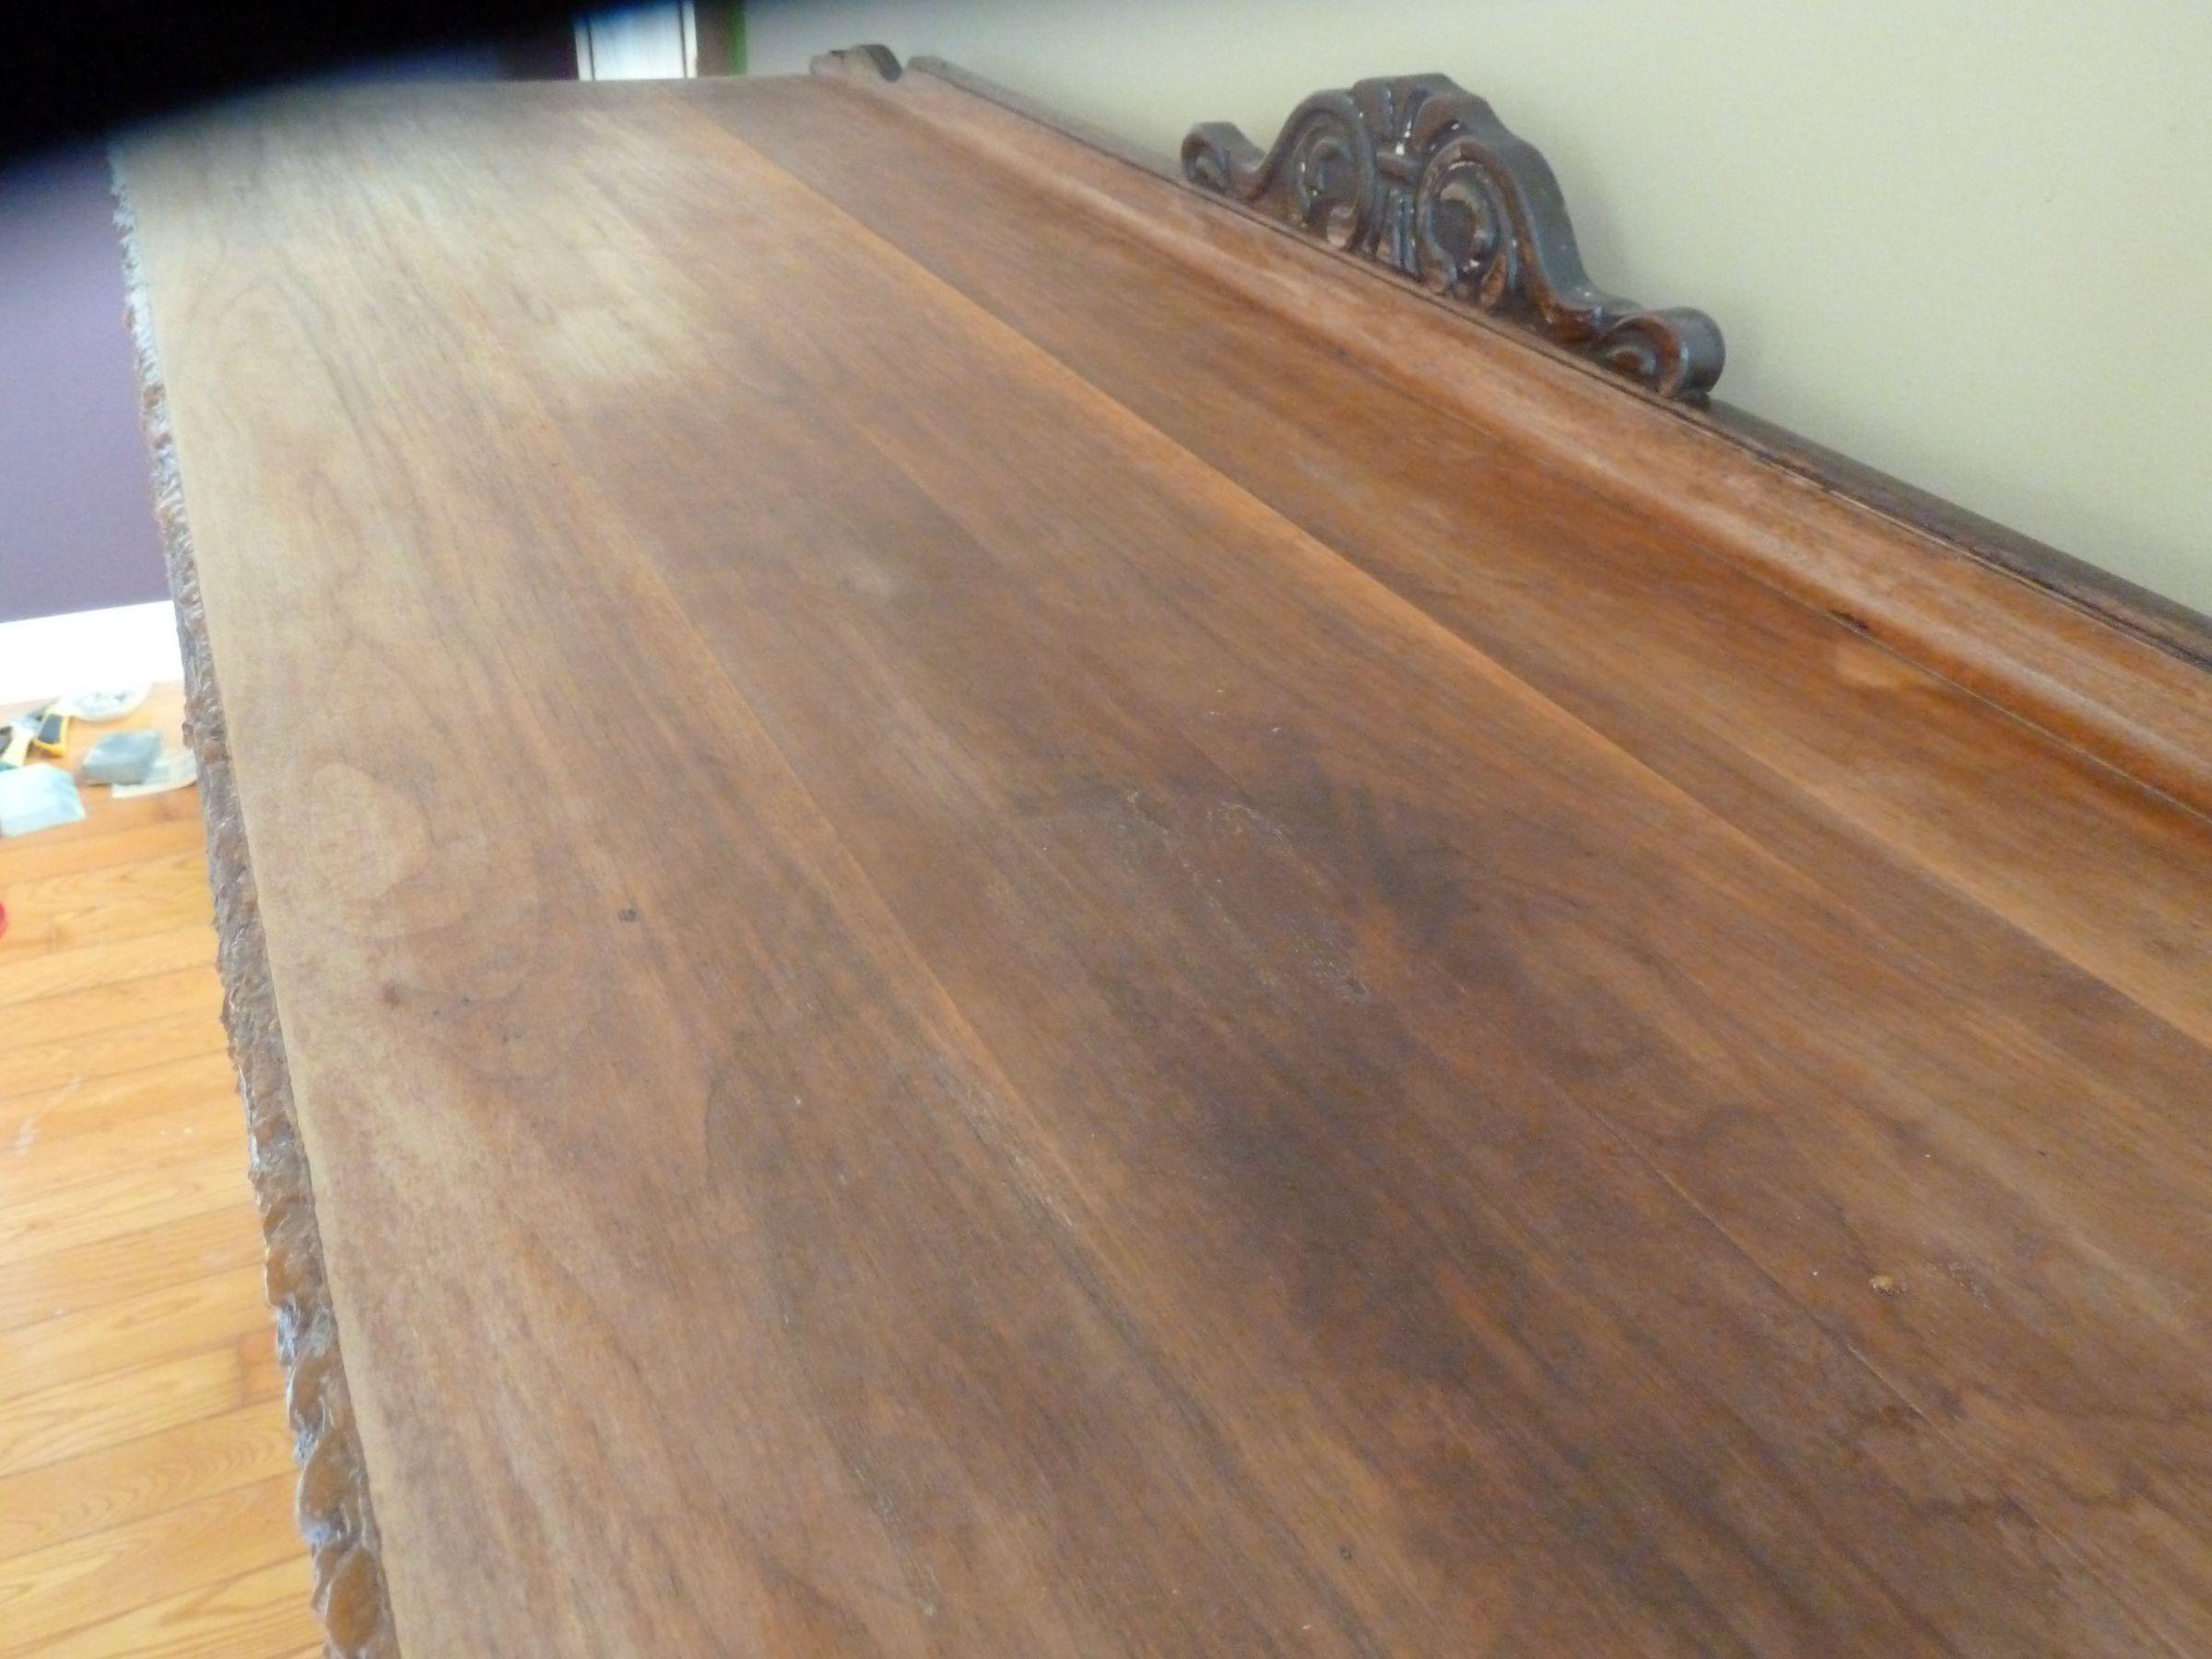 T che sur table en bois for Tache blanche sur bois fonce